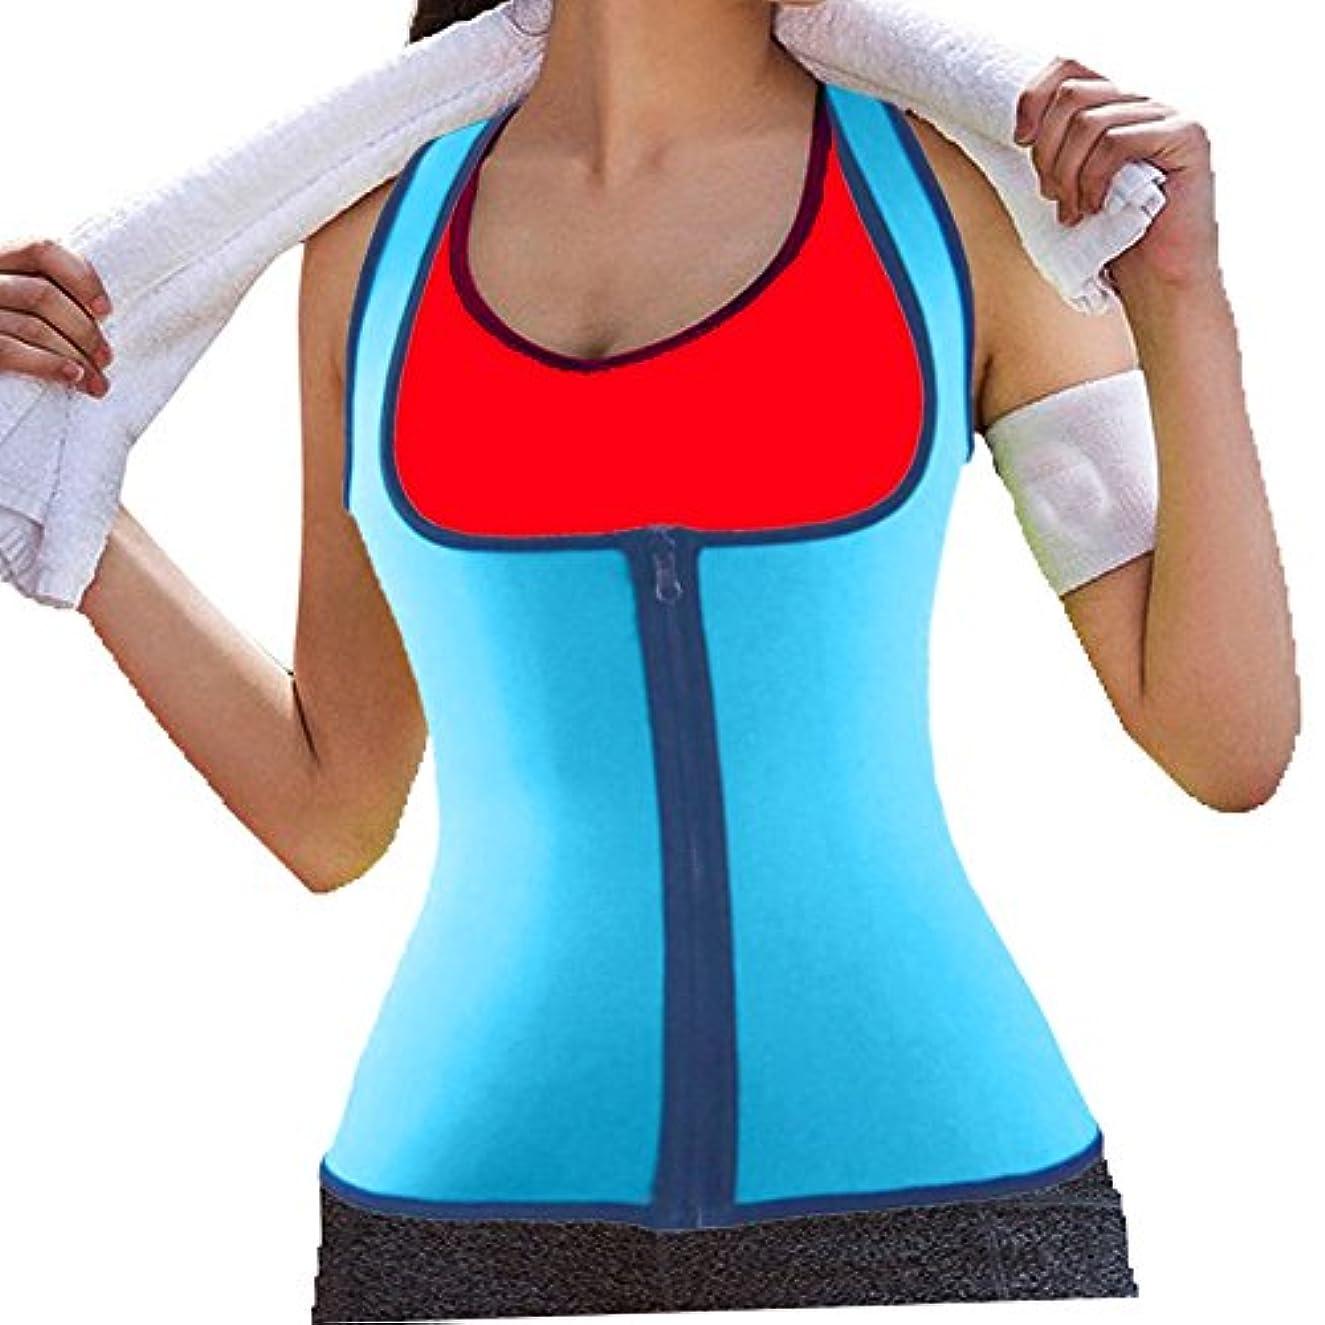 スパン怖い滑りやすいDODOINGネオプレンボディシェイパースリミングウエストサイズシャツトレーナー腹部ウエスト補正下着ベストのジッパーの重量損失